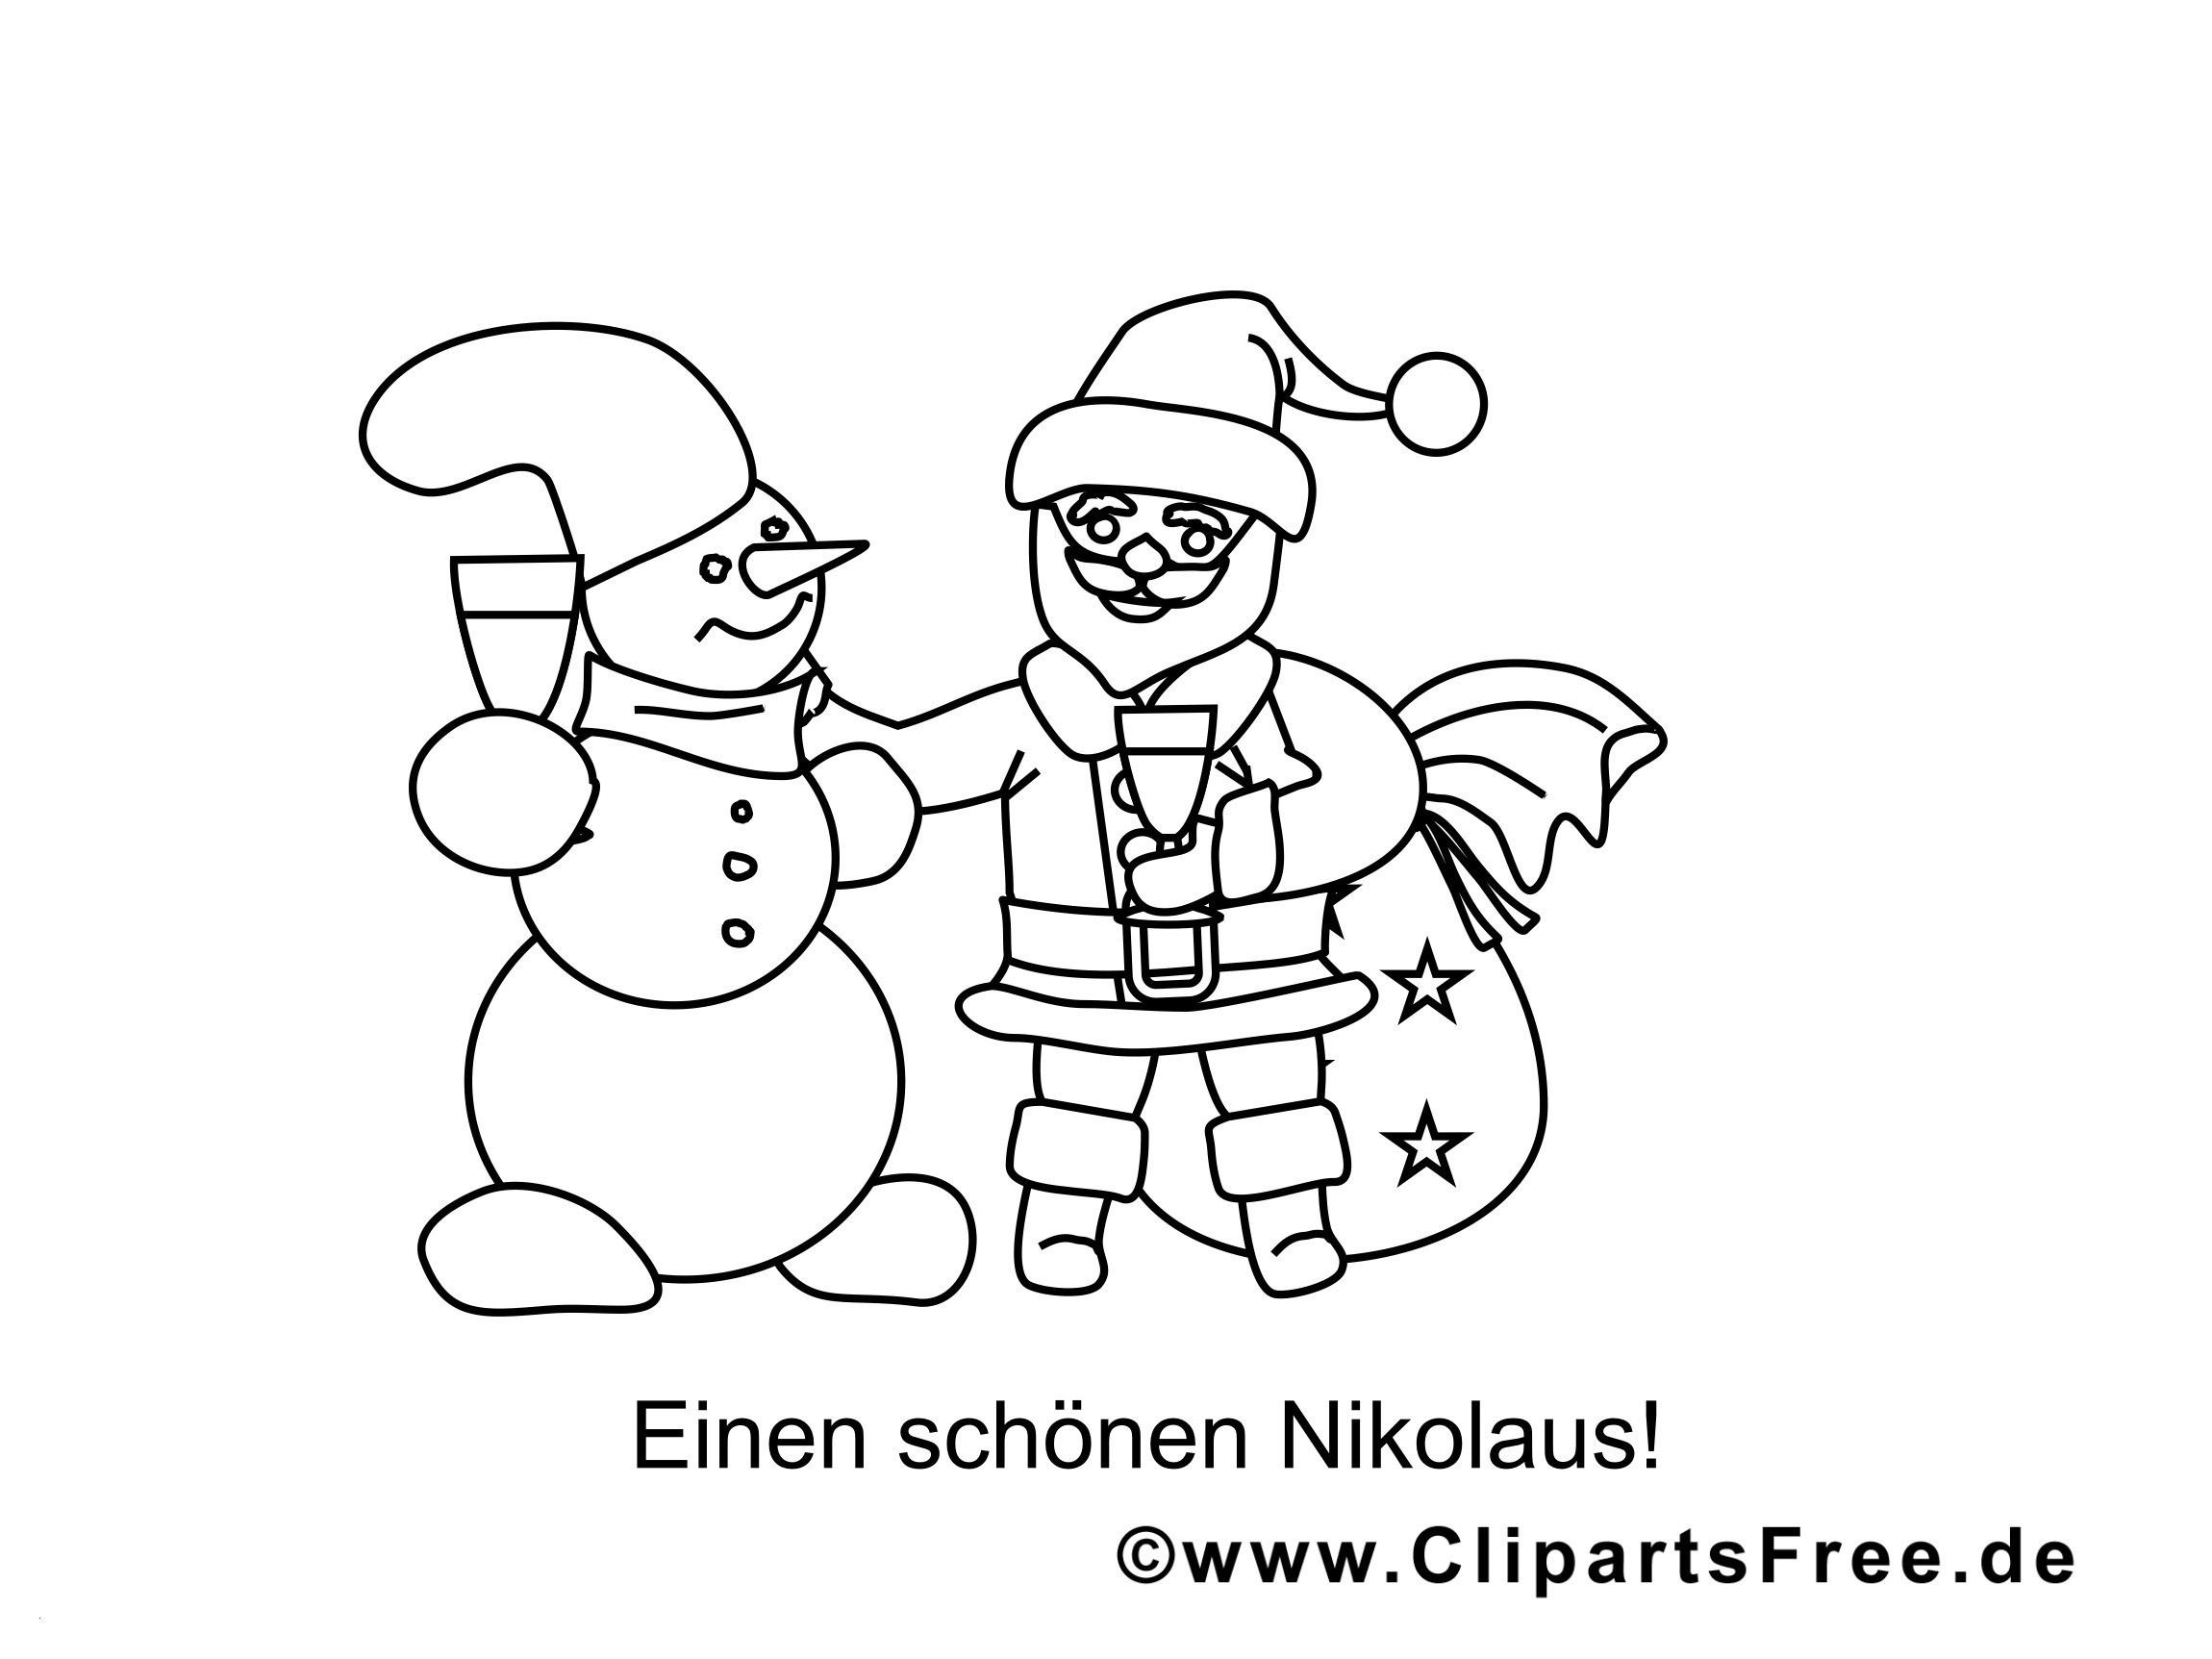 Weihnachtsmann Und Co Kg Ausmalbilder  99 Neu Weihnachtsmann Und Co Kg Ausmalbilder Stock